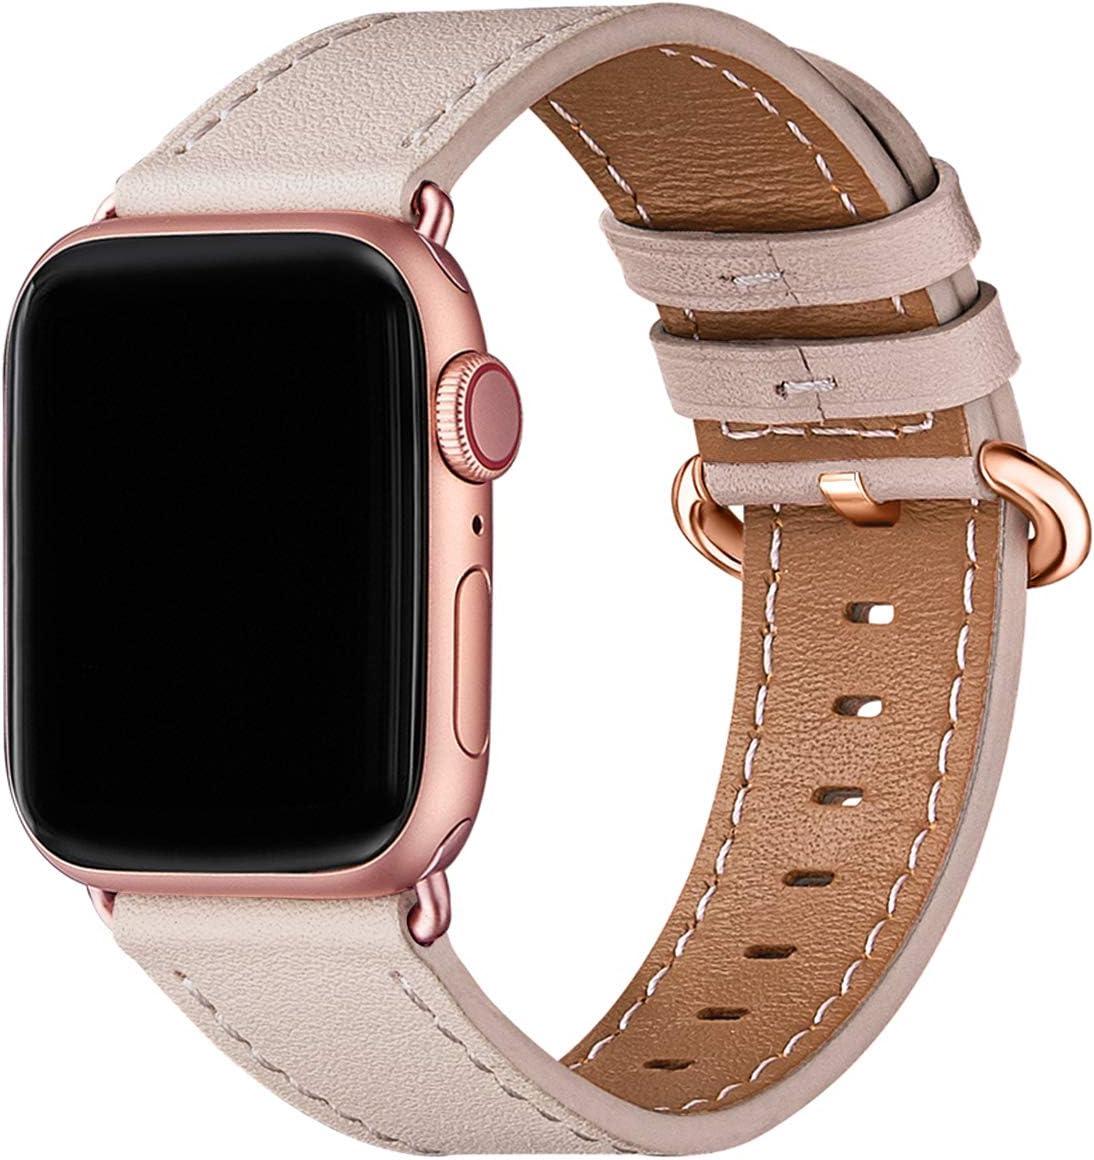 WFEAGL コンパチブル Apple Watch バンド,は本革レザーを使い、iWatch SE,Series 6/5/4/3/2/1、Sport、Edition向けのバンド交換ストラップです コンパチブル アップルウォッチ バンド(38mm 40mm, ピンクの砂 バンド+ゴールド バックル)